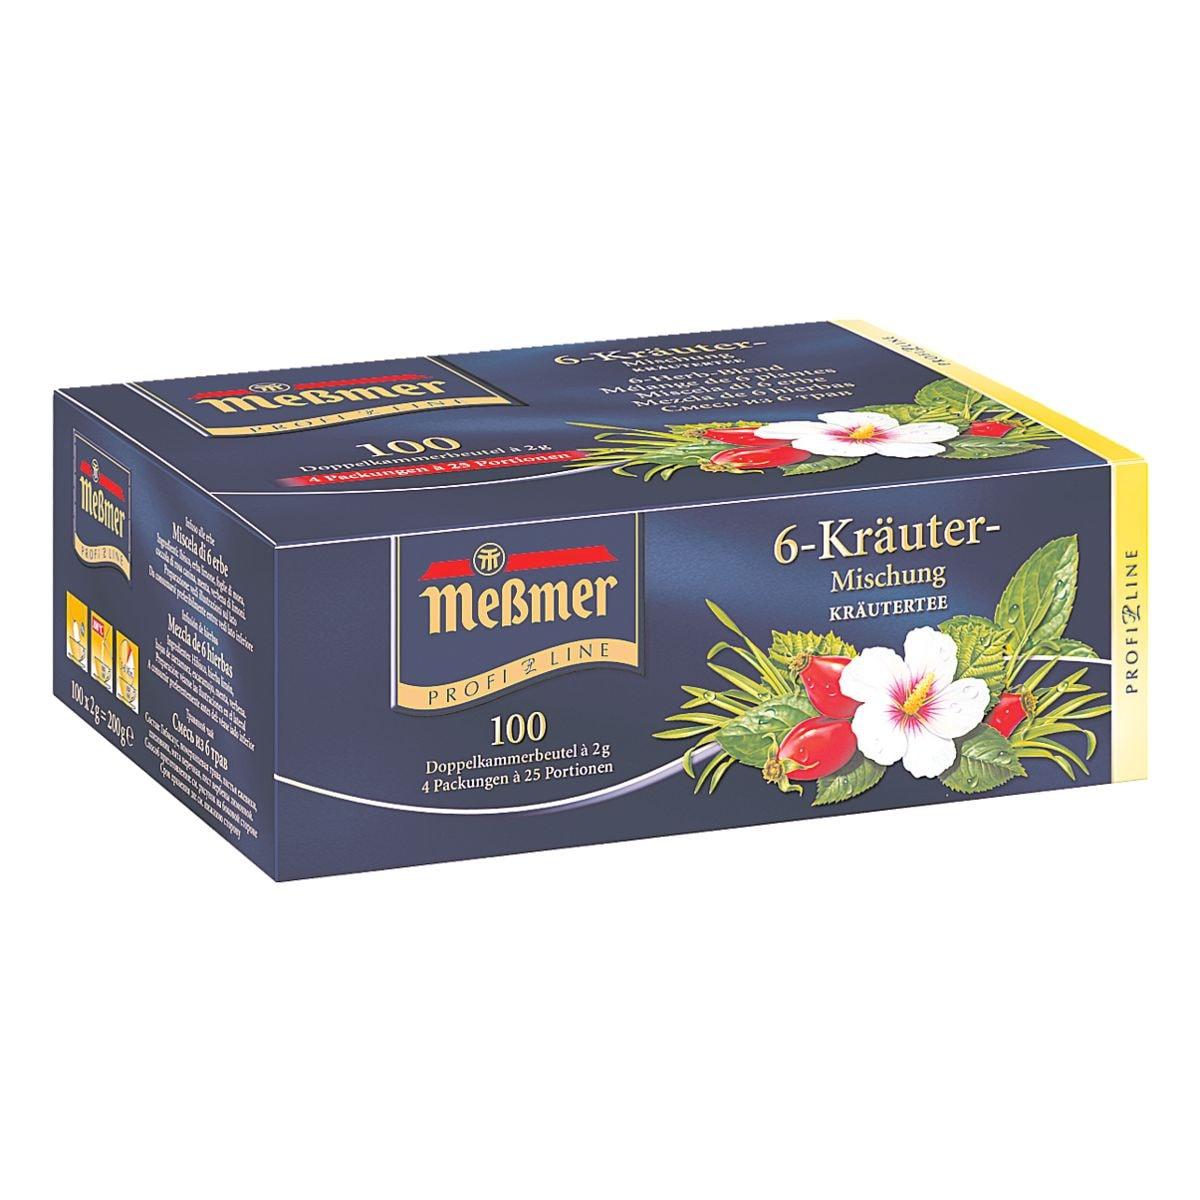 Meßmer Kräuter-Tee »Profi Line« Tassenportion, unvertierte Beutel, 100er-Pack